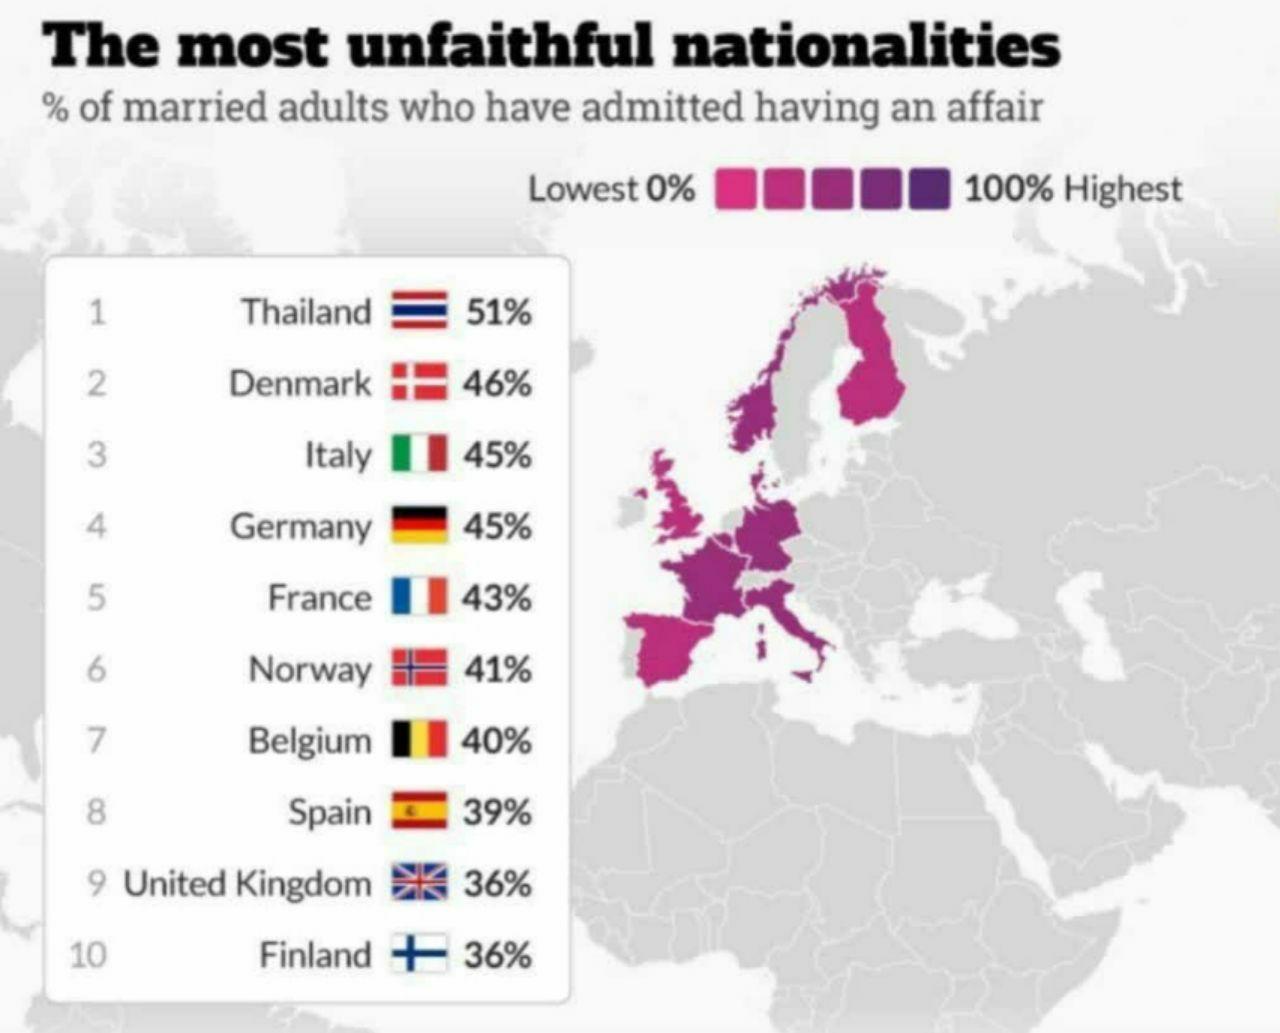 خیانتکارترین مردم دنیا چه کسانی هستند؟/ نمودار|خبر فوری